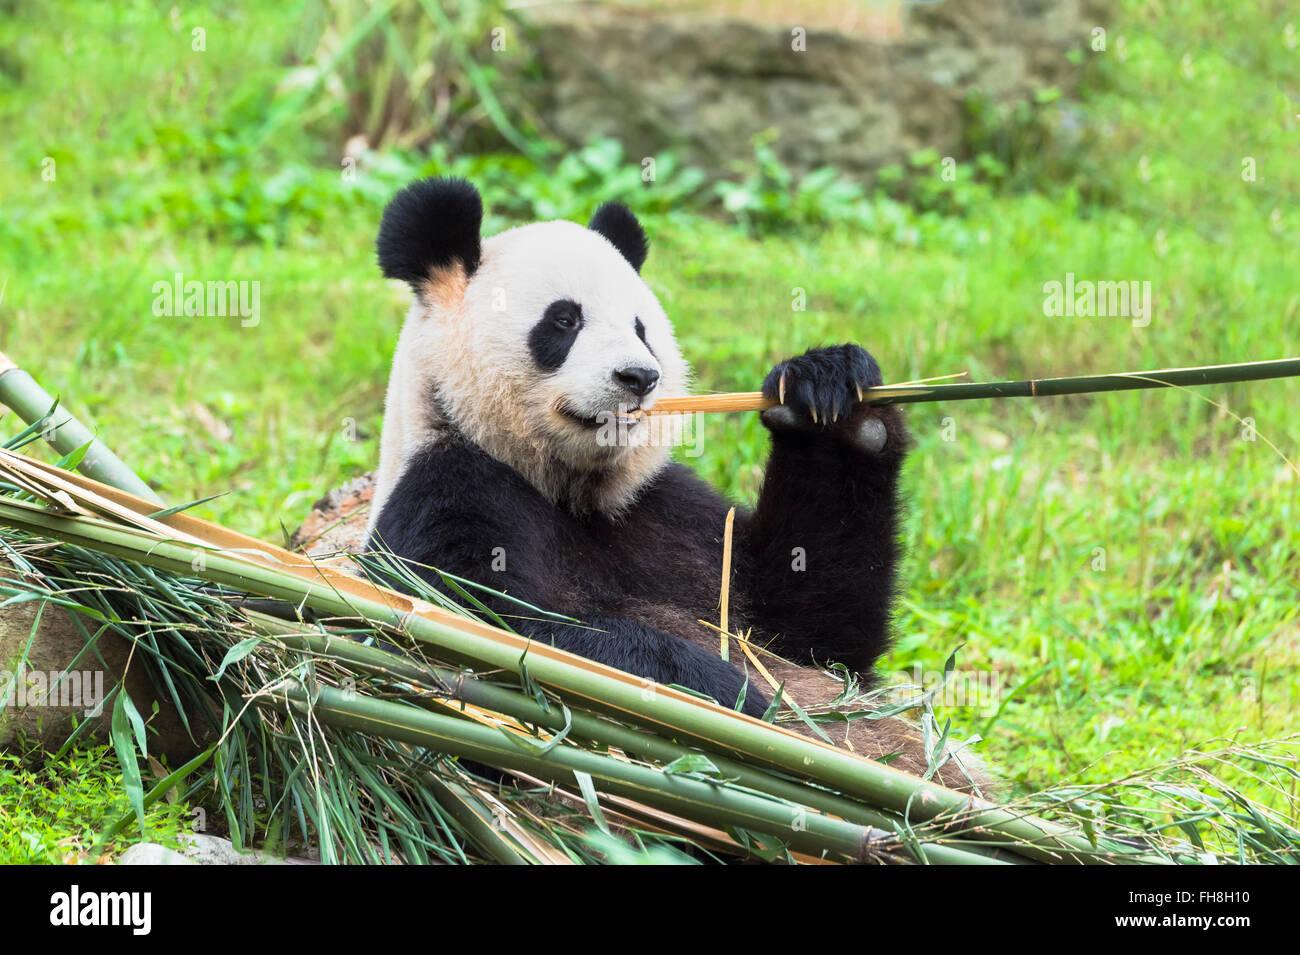 Panda gigante (Ailuropoda melanoleuca) mangiando bambù, Cina conservazione e centro di ricerca per la Panda Immagini Stock